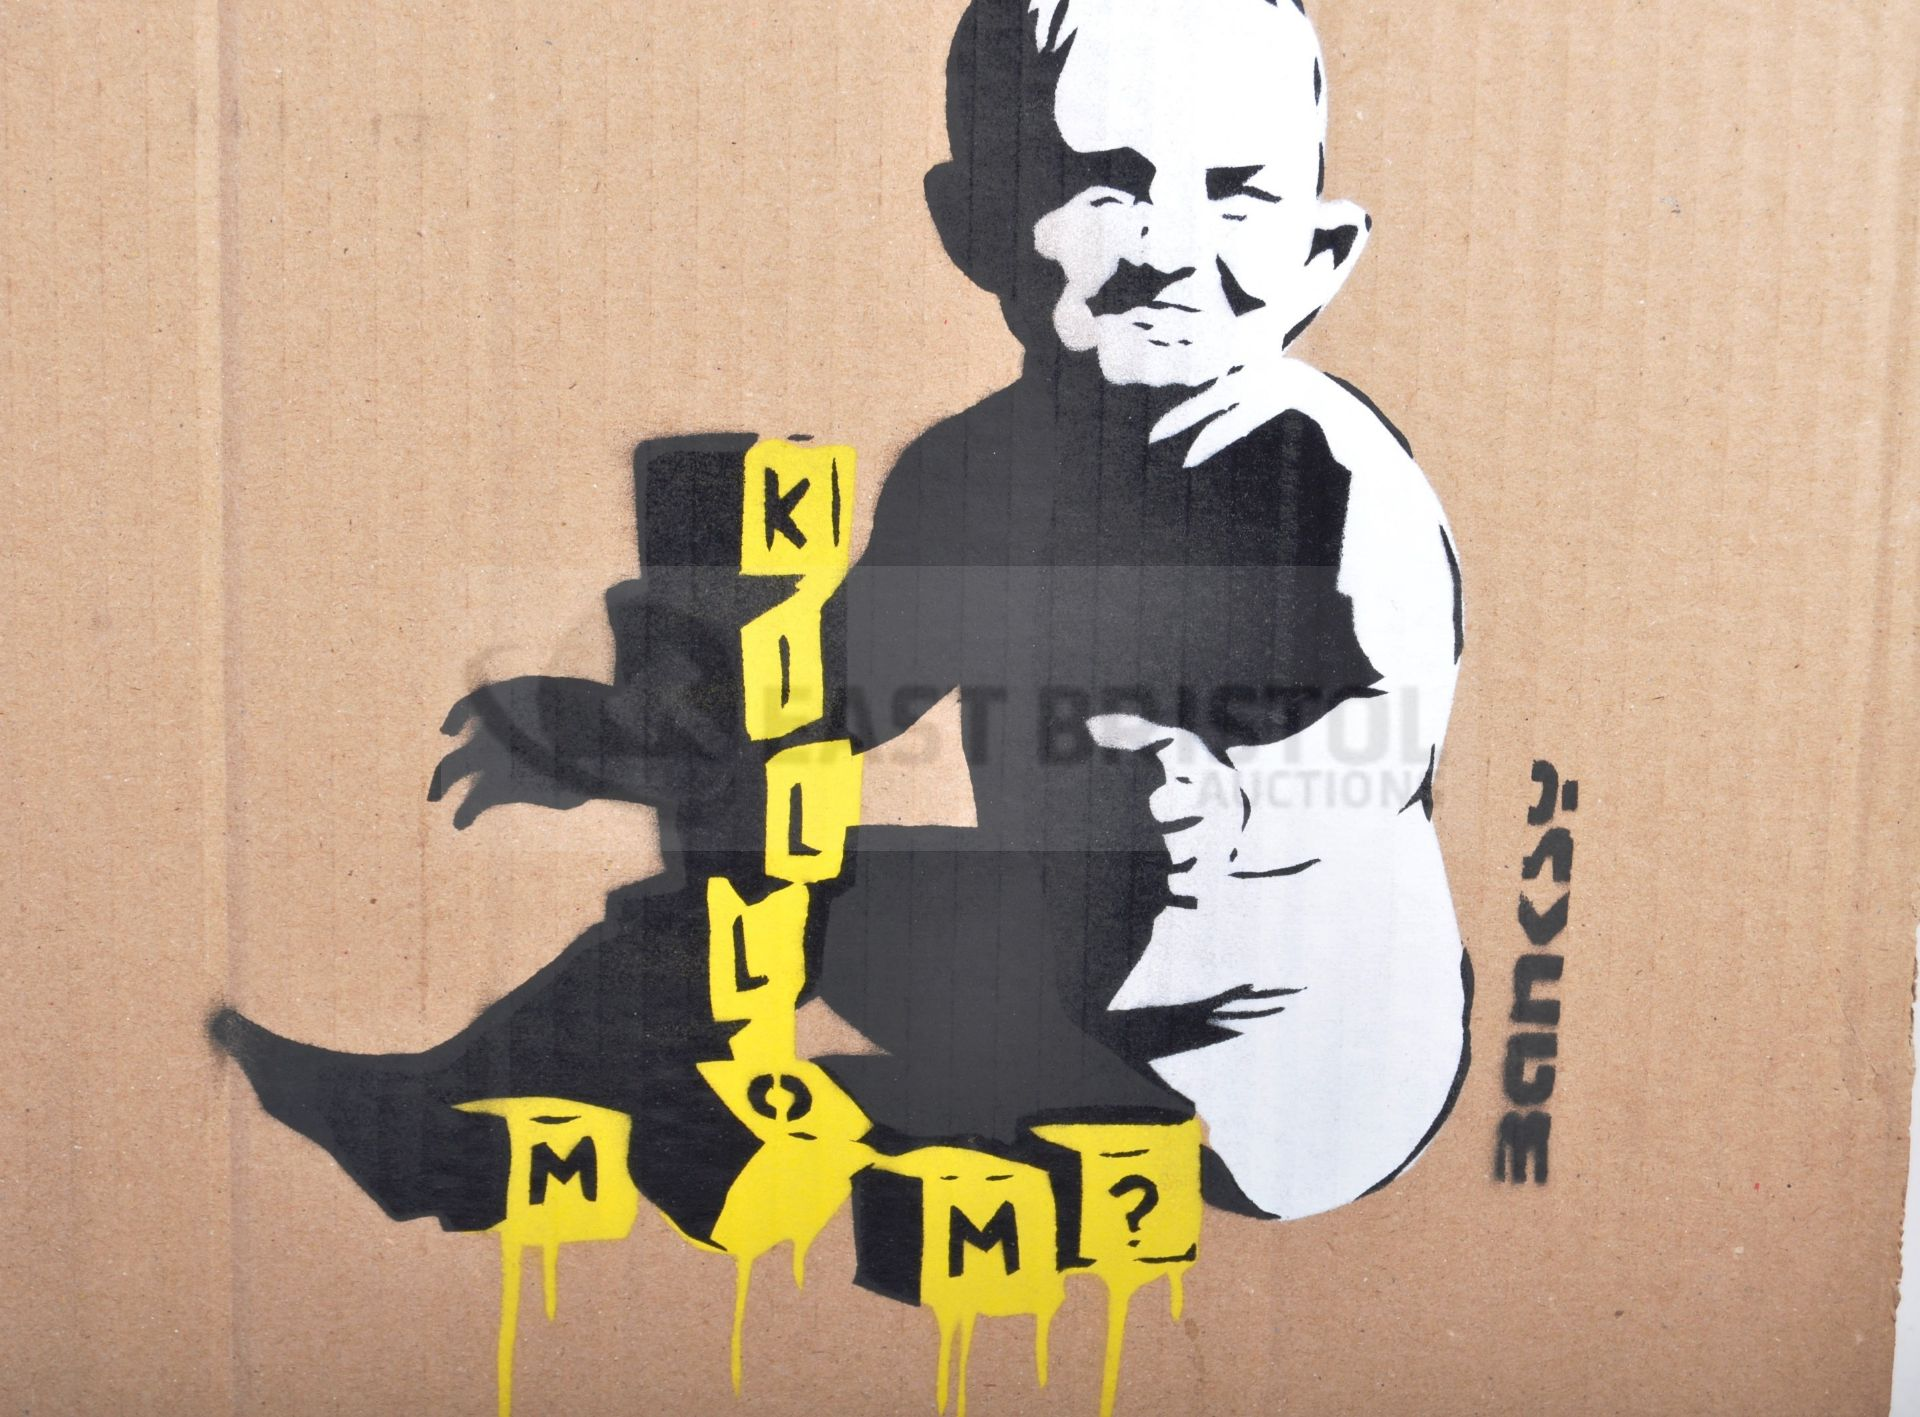 BANKSY - DISMALAND 2015 - KILL MOM? - Image 2 of 3